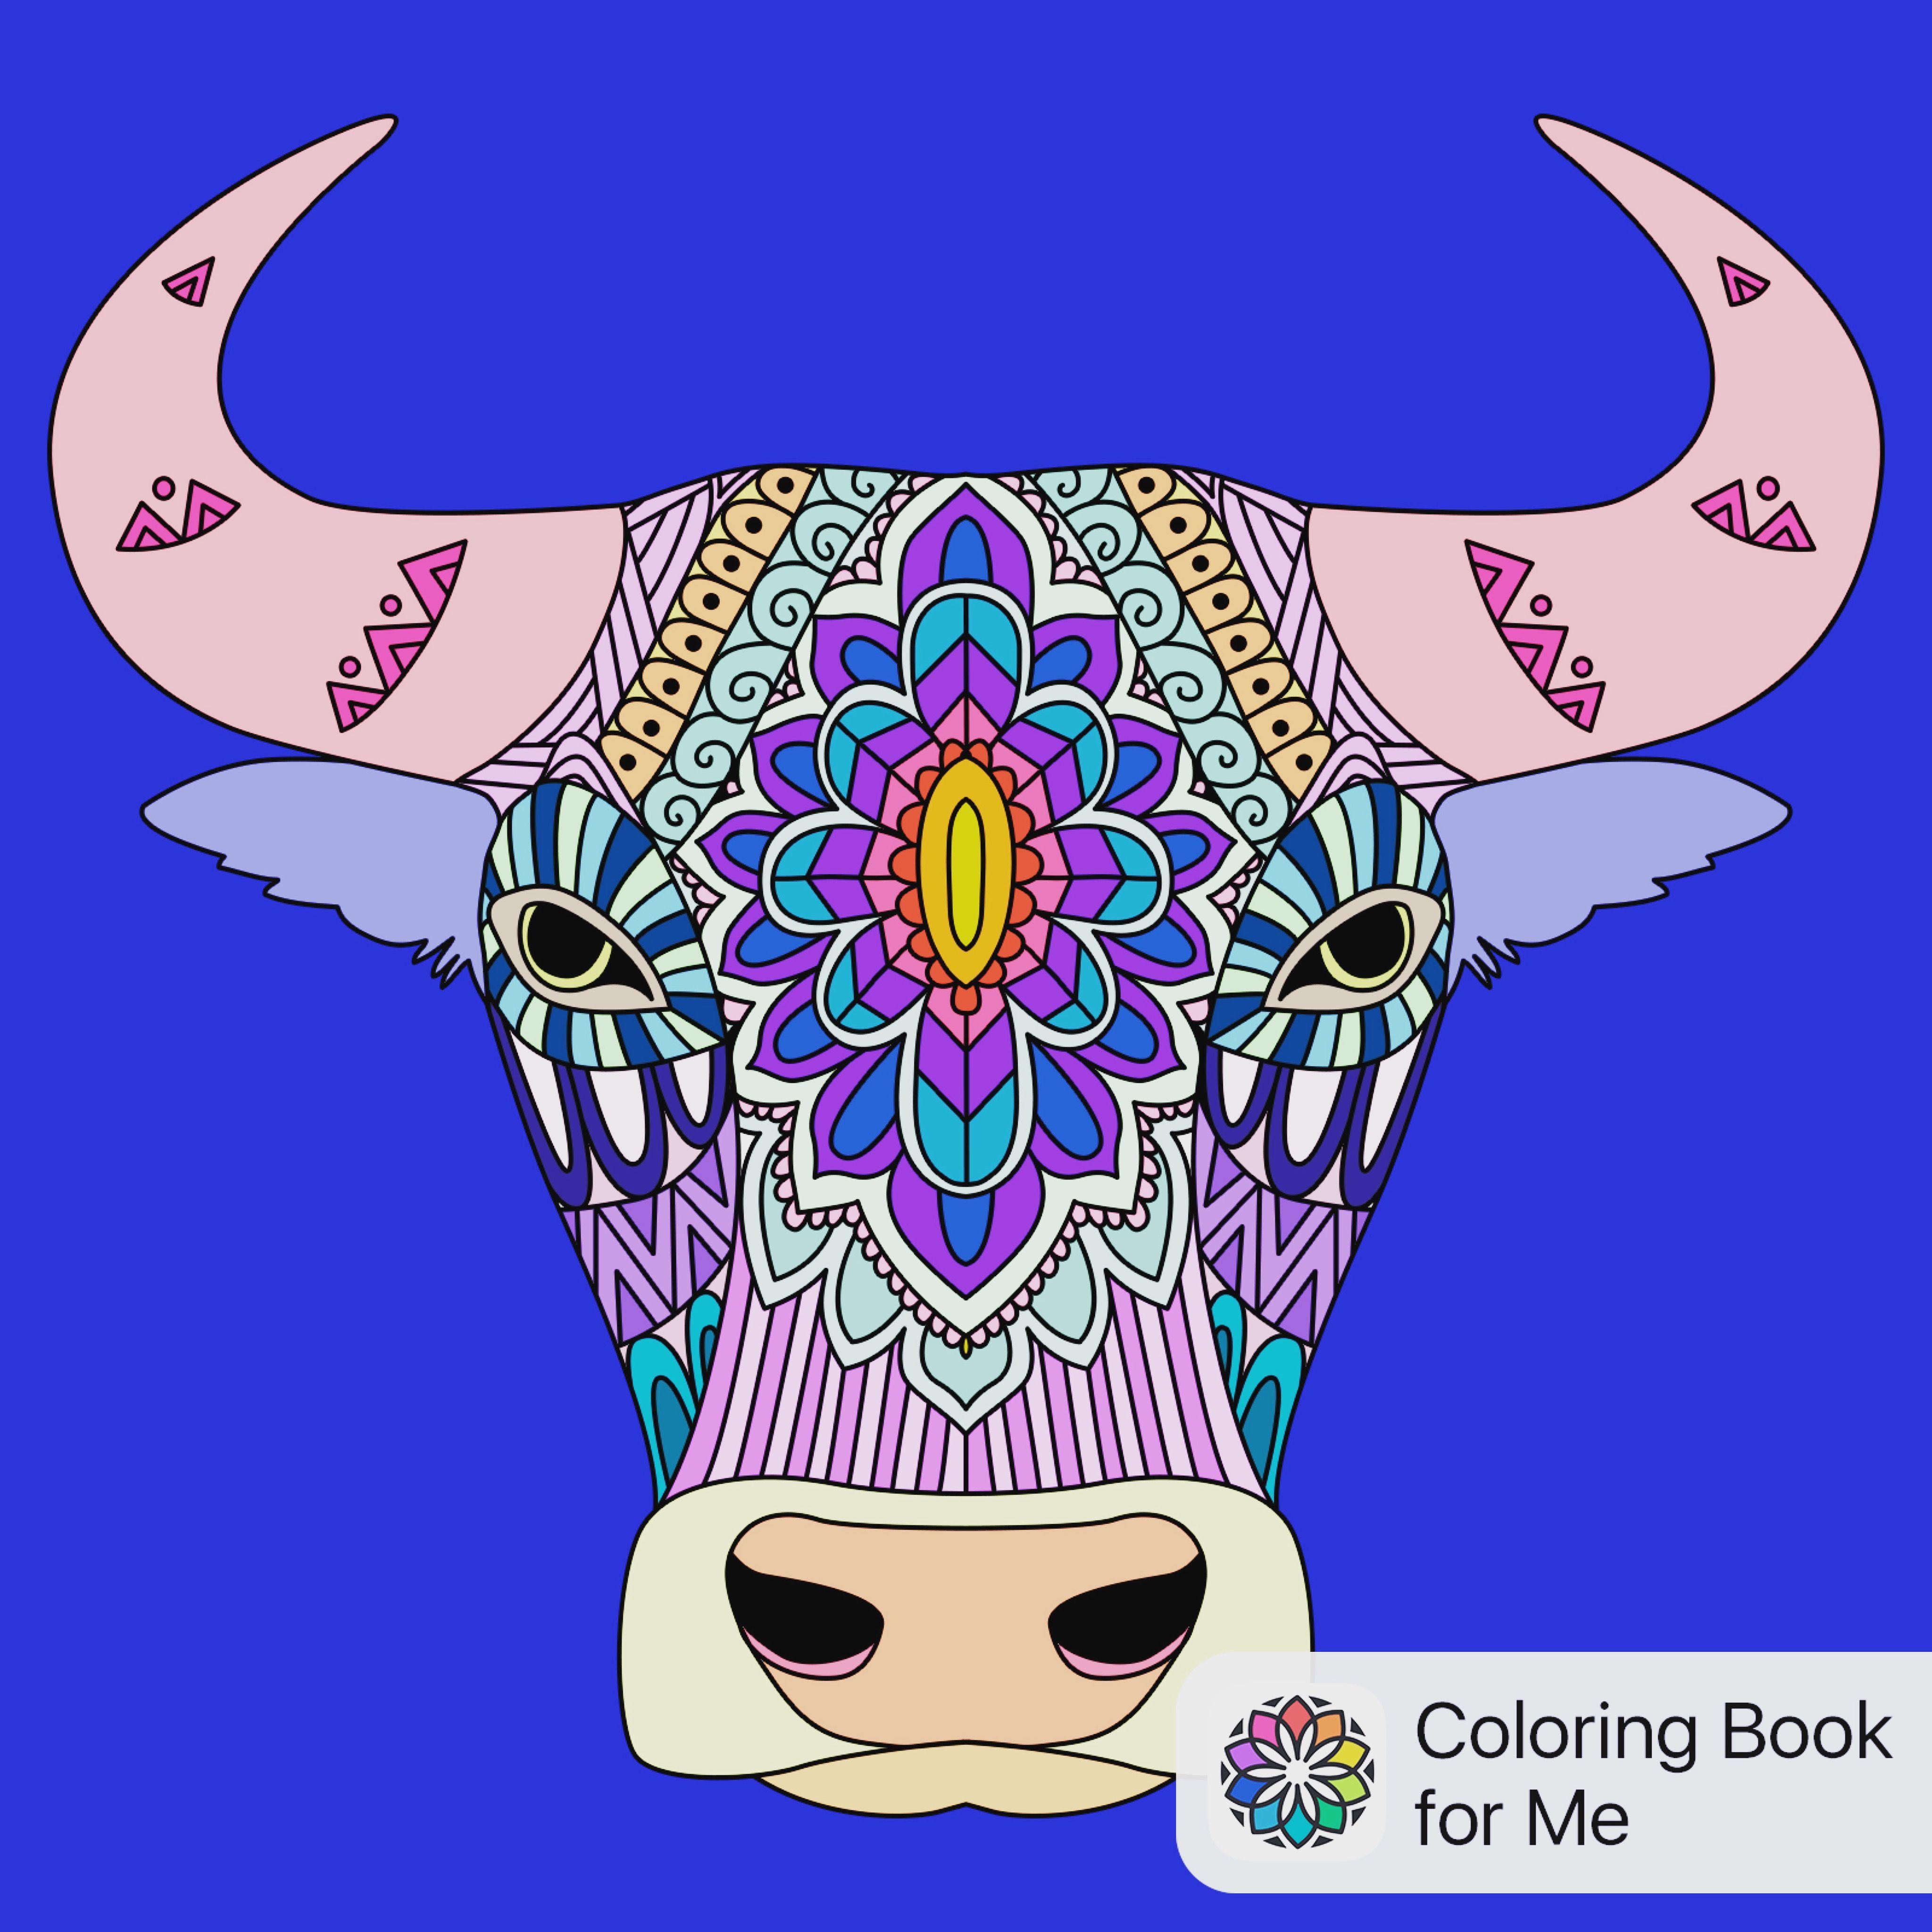 Busca tu paz interior en libro de colorear para mí